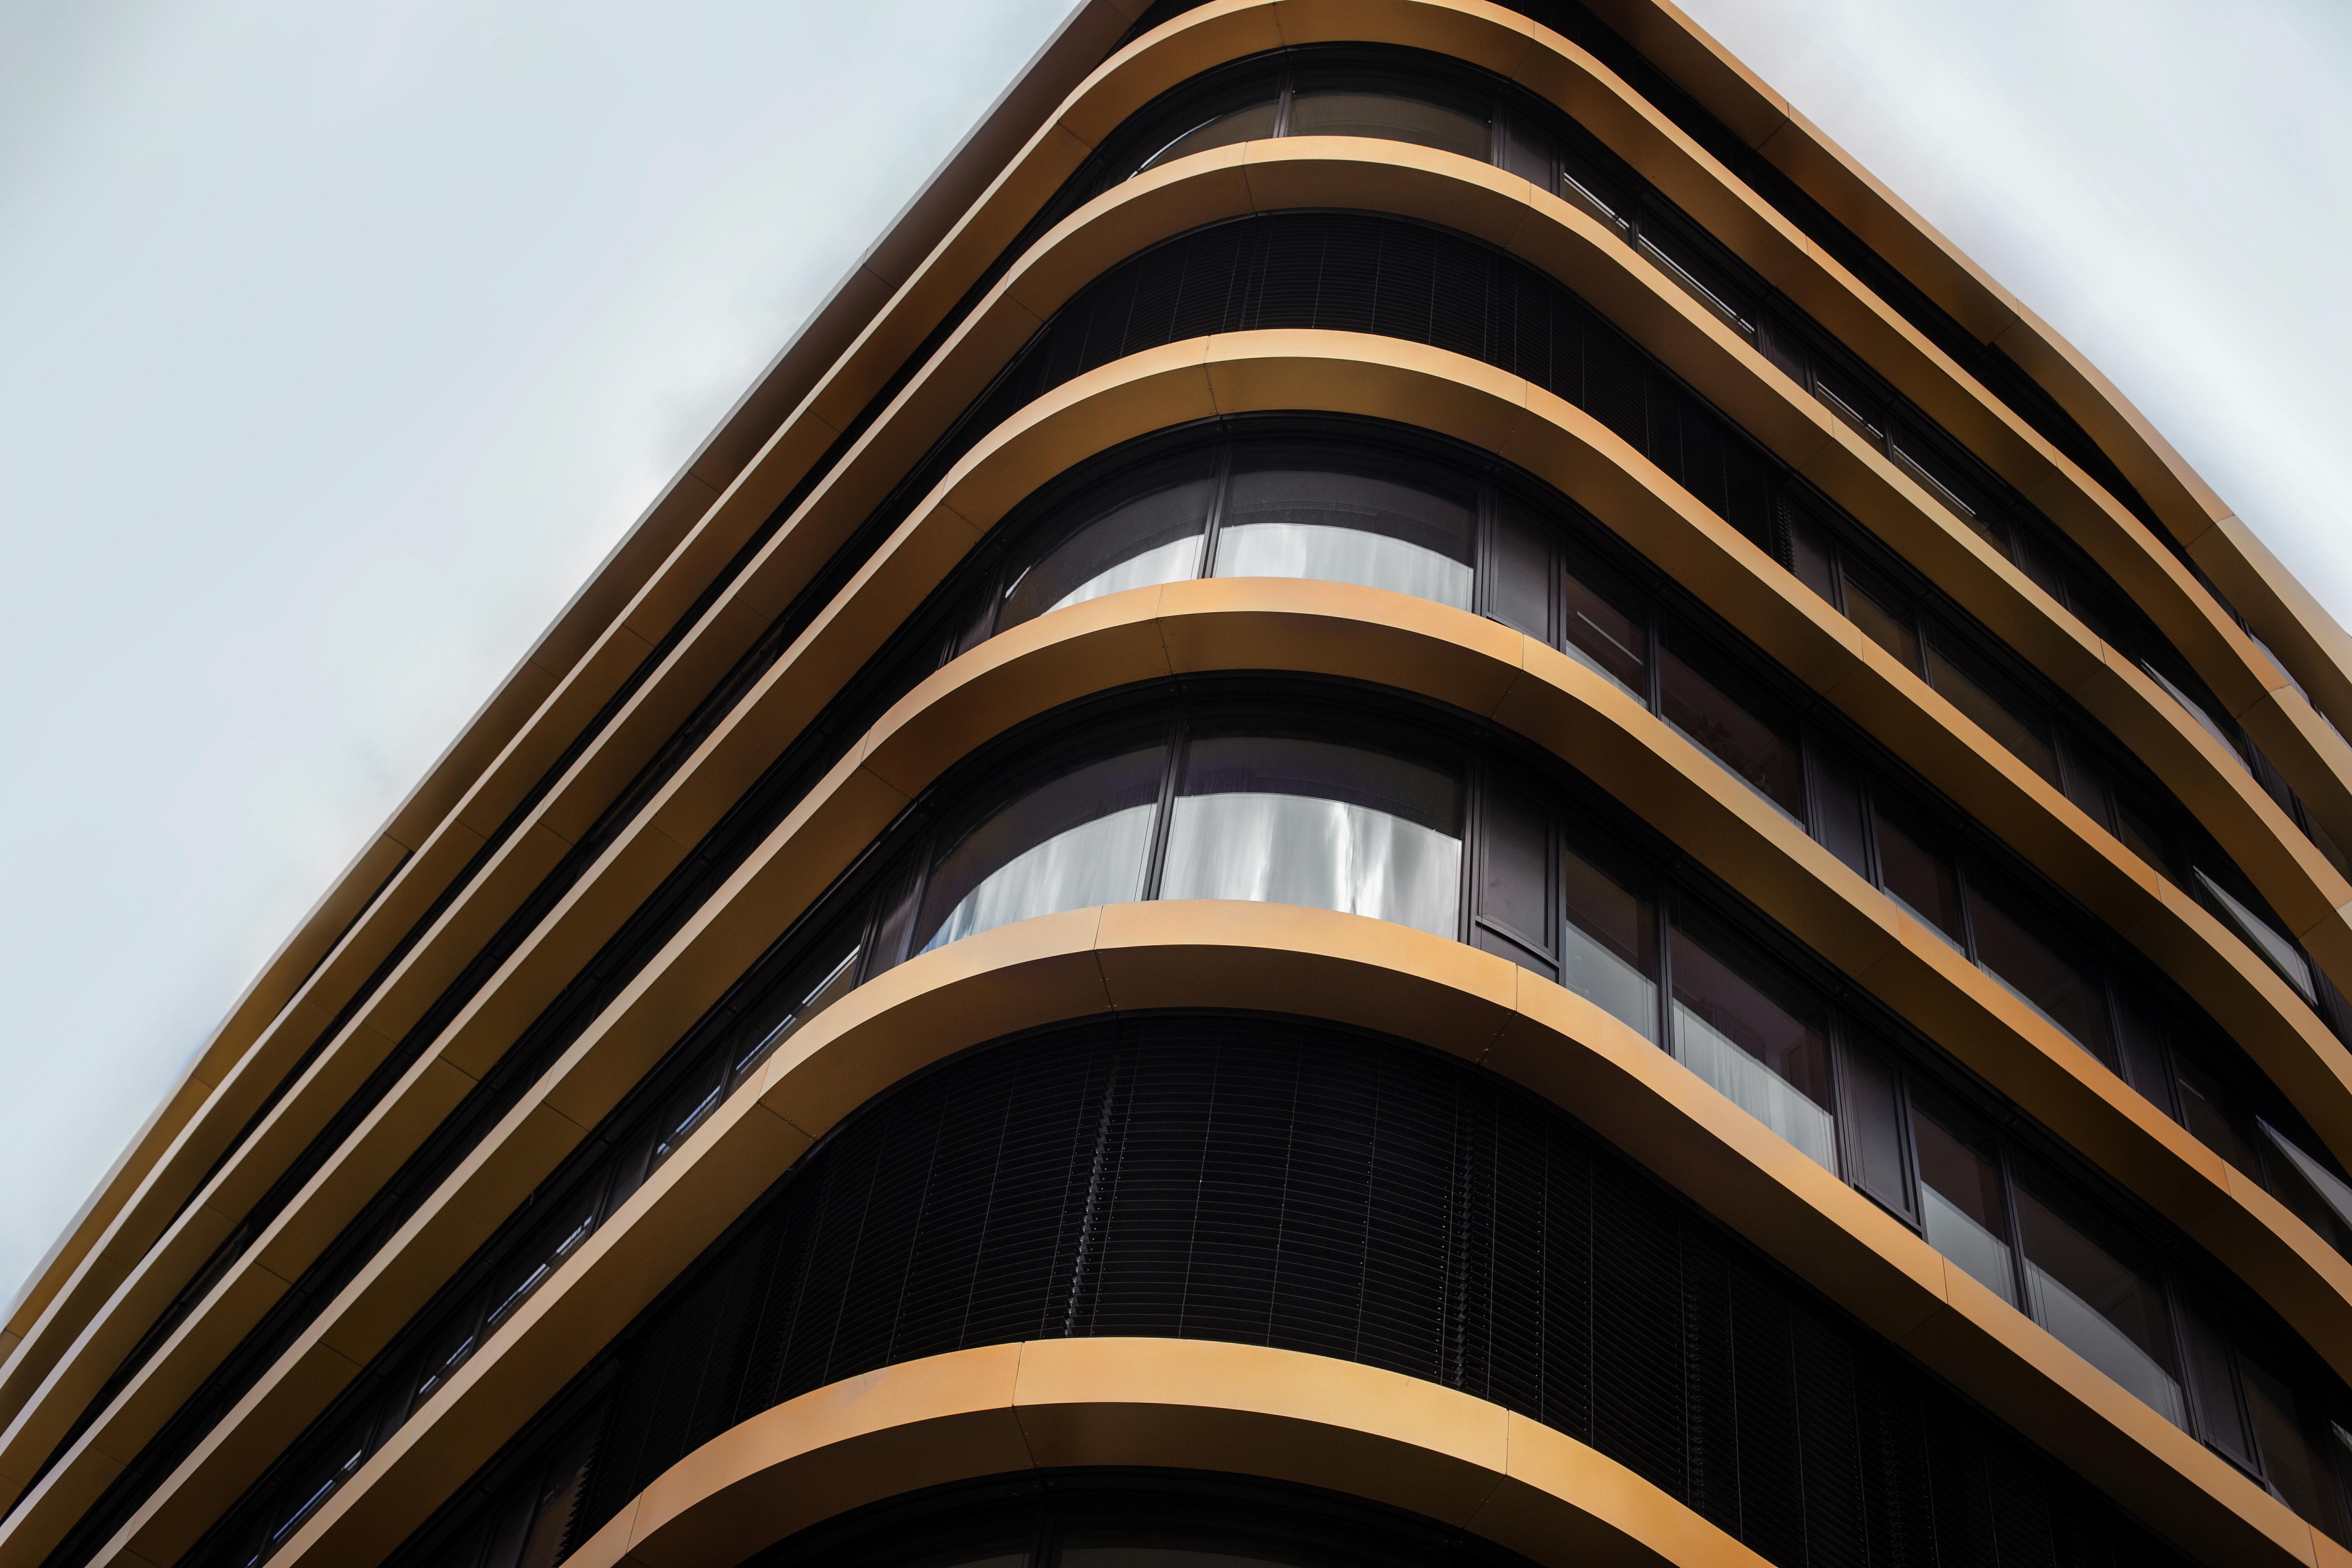 Kostenlose Foto Die Architektur Fenster Glas Gebäude: Kostenlose Foto : Die Architektur, Struktur, Holz, Fenster